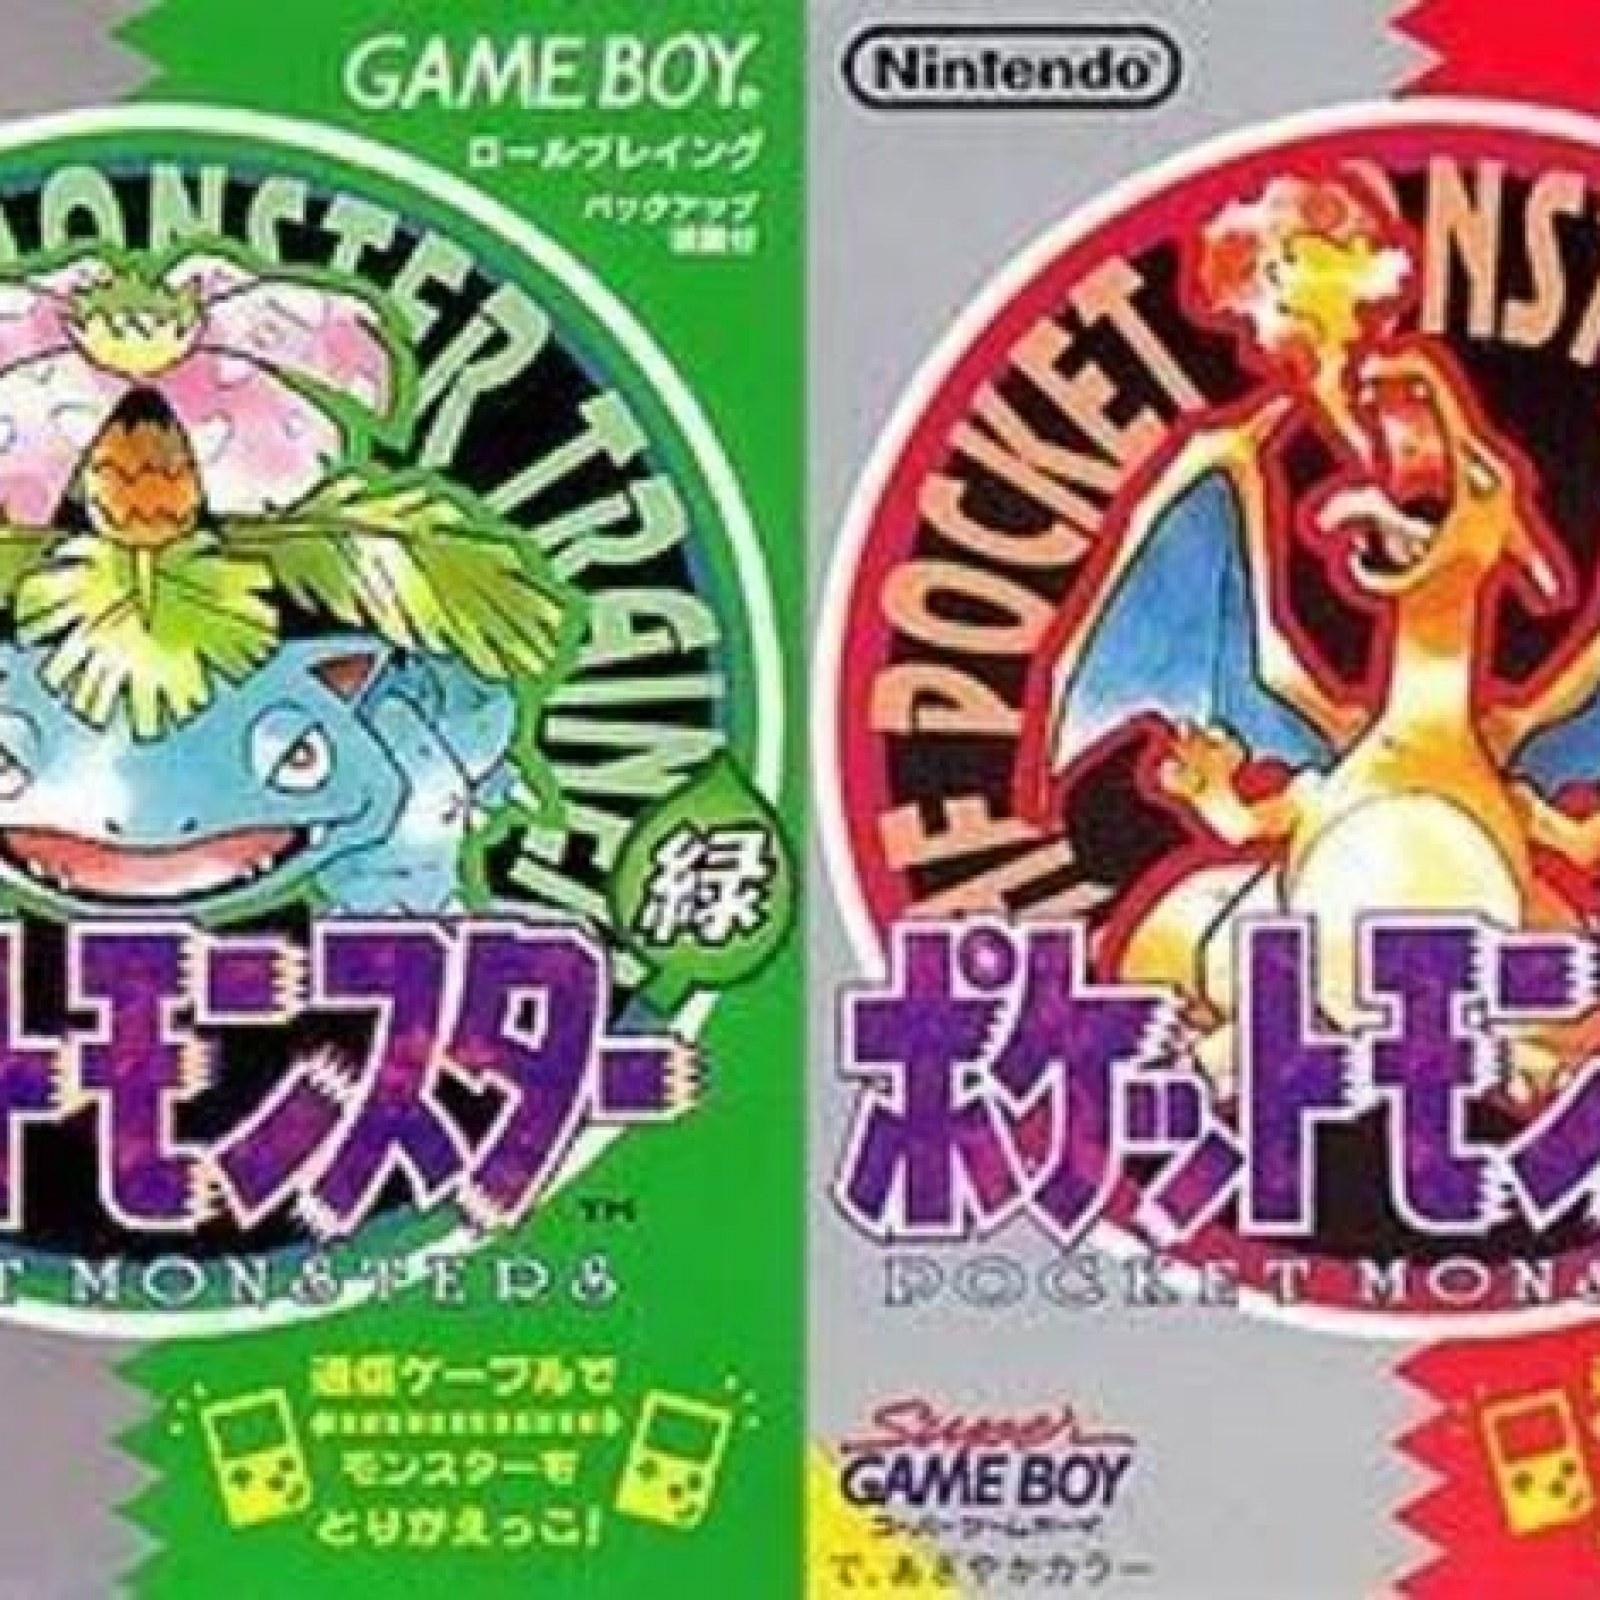 Pokémon Creator Satoshi Tajiri Manga Reveals Four Unused Designs